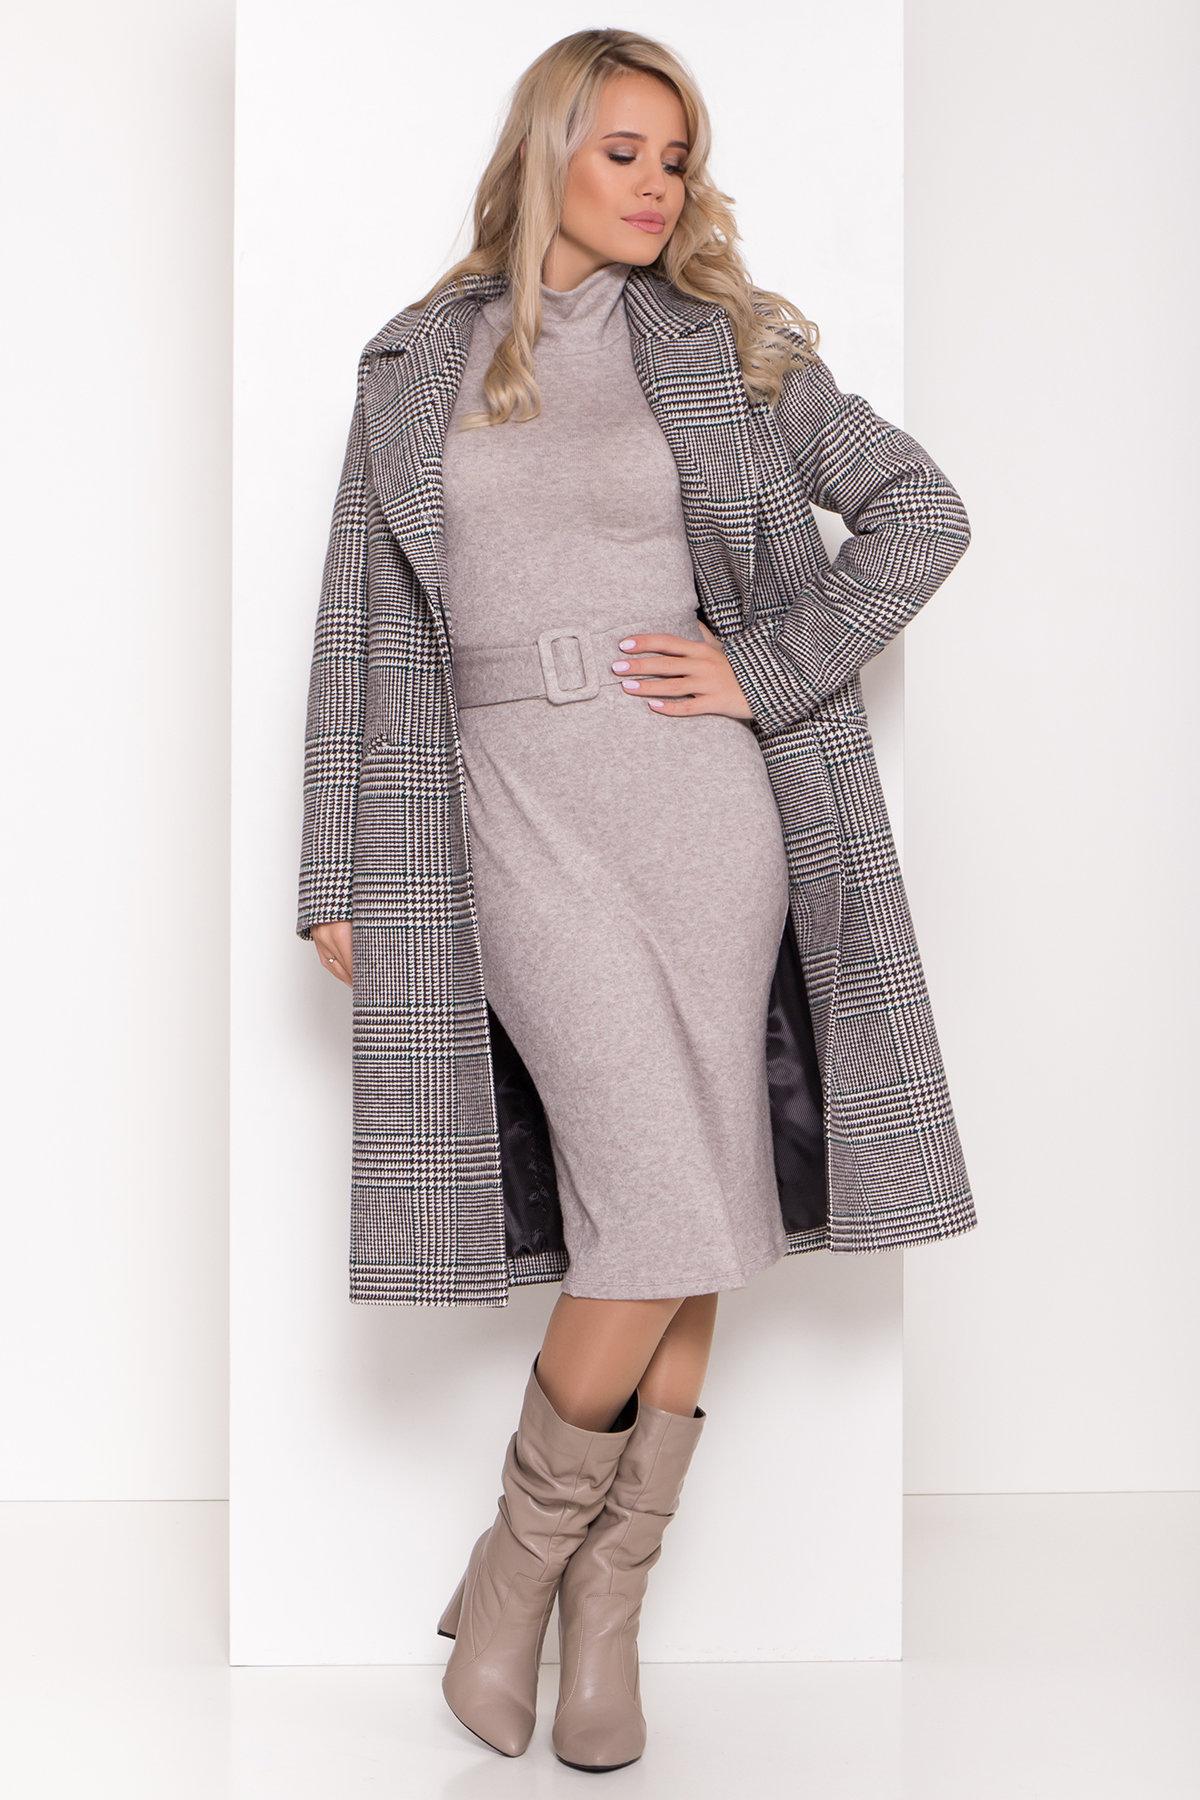 Пальто зима Эрли 8267 АРТ. 44346 Цвет: Клетка кр чер/мол/изумр - фото 2, интернет магазин tm-modus.ru